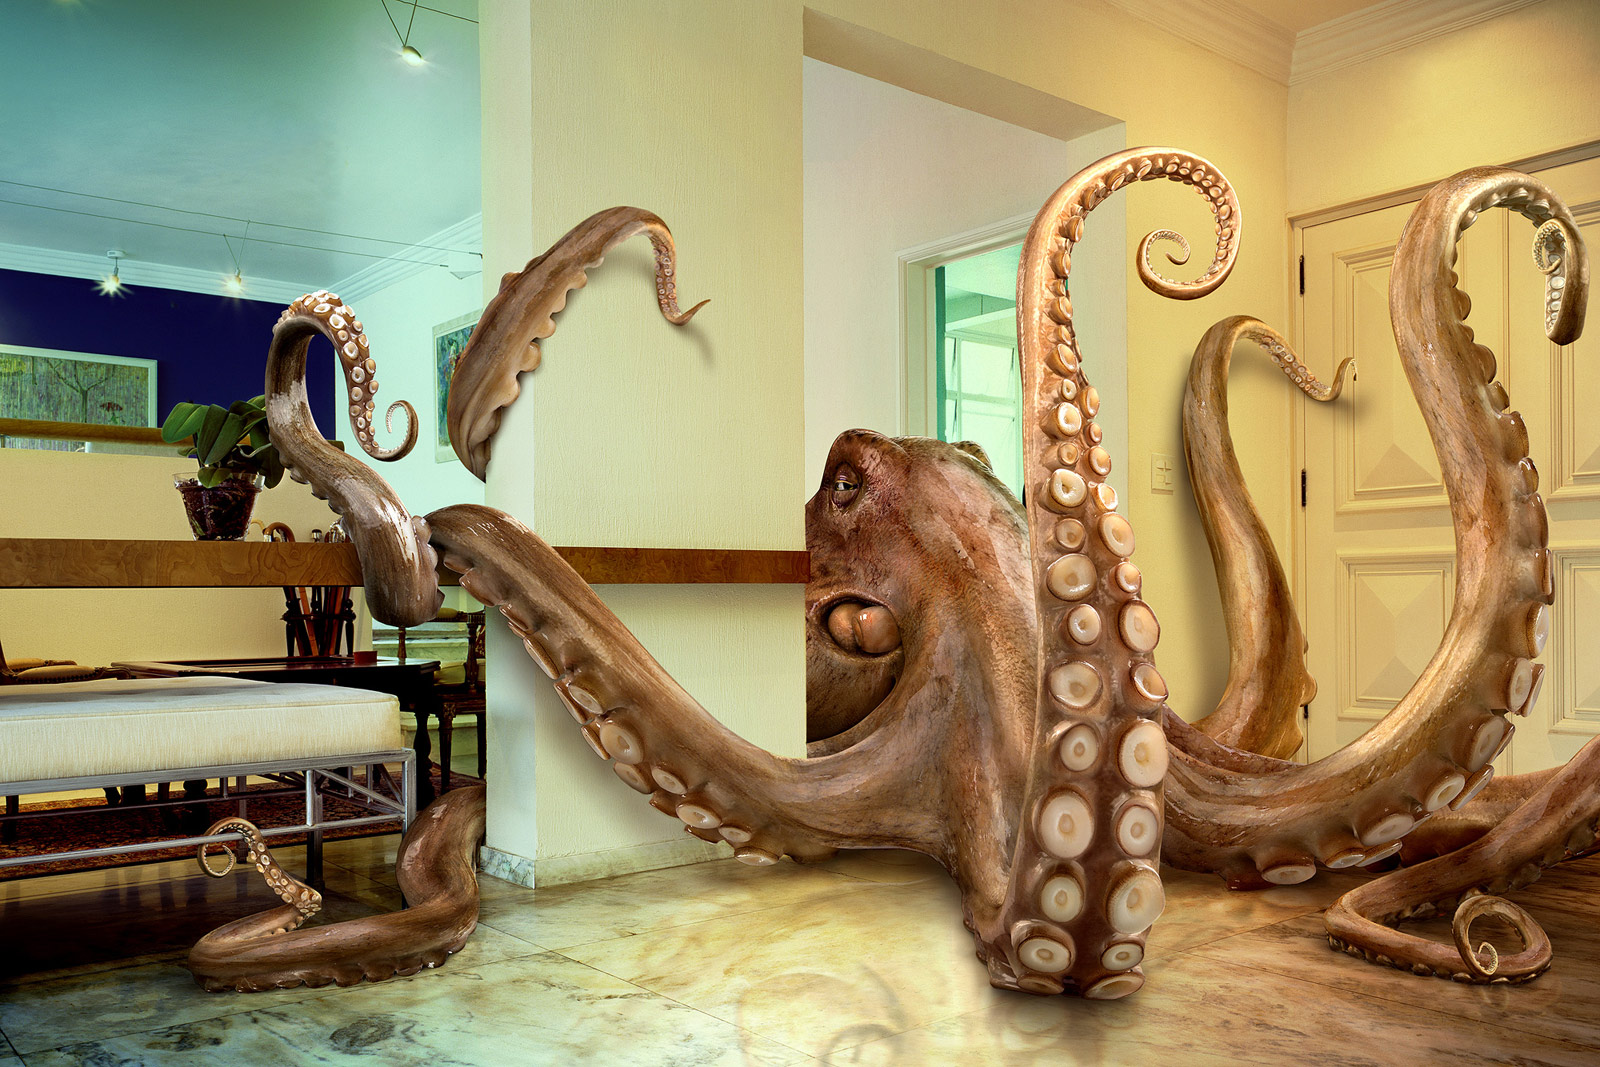 Spongebob evolution Octopus-big-large-giant-funny